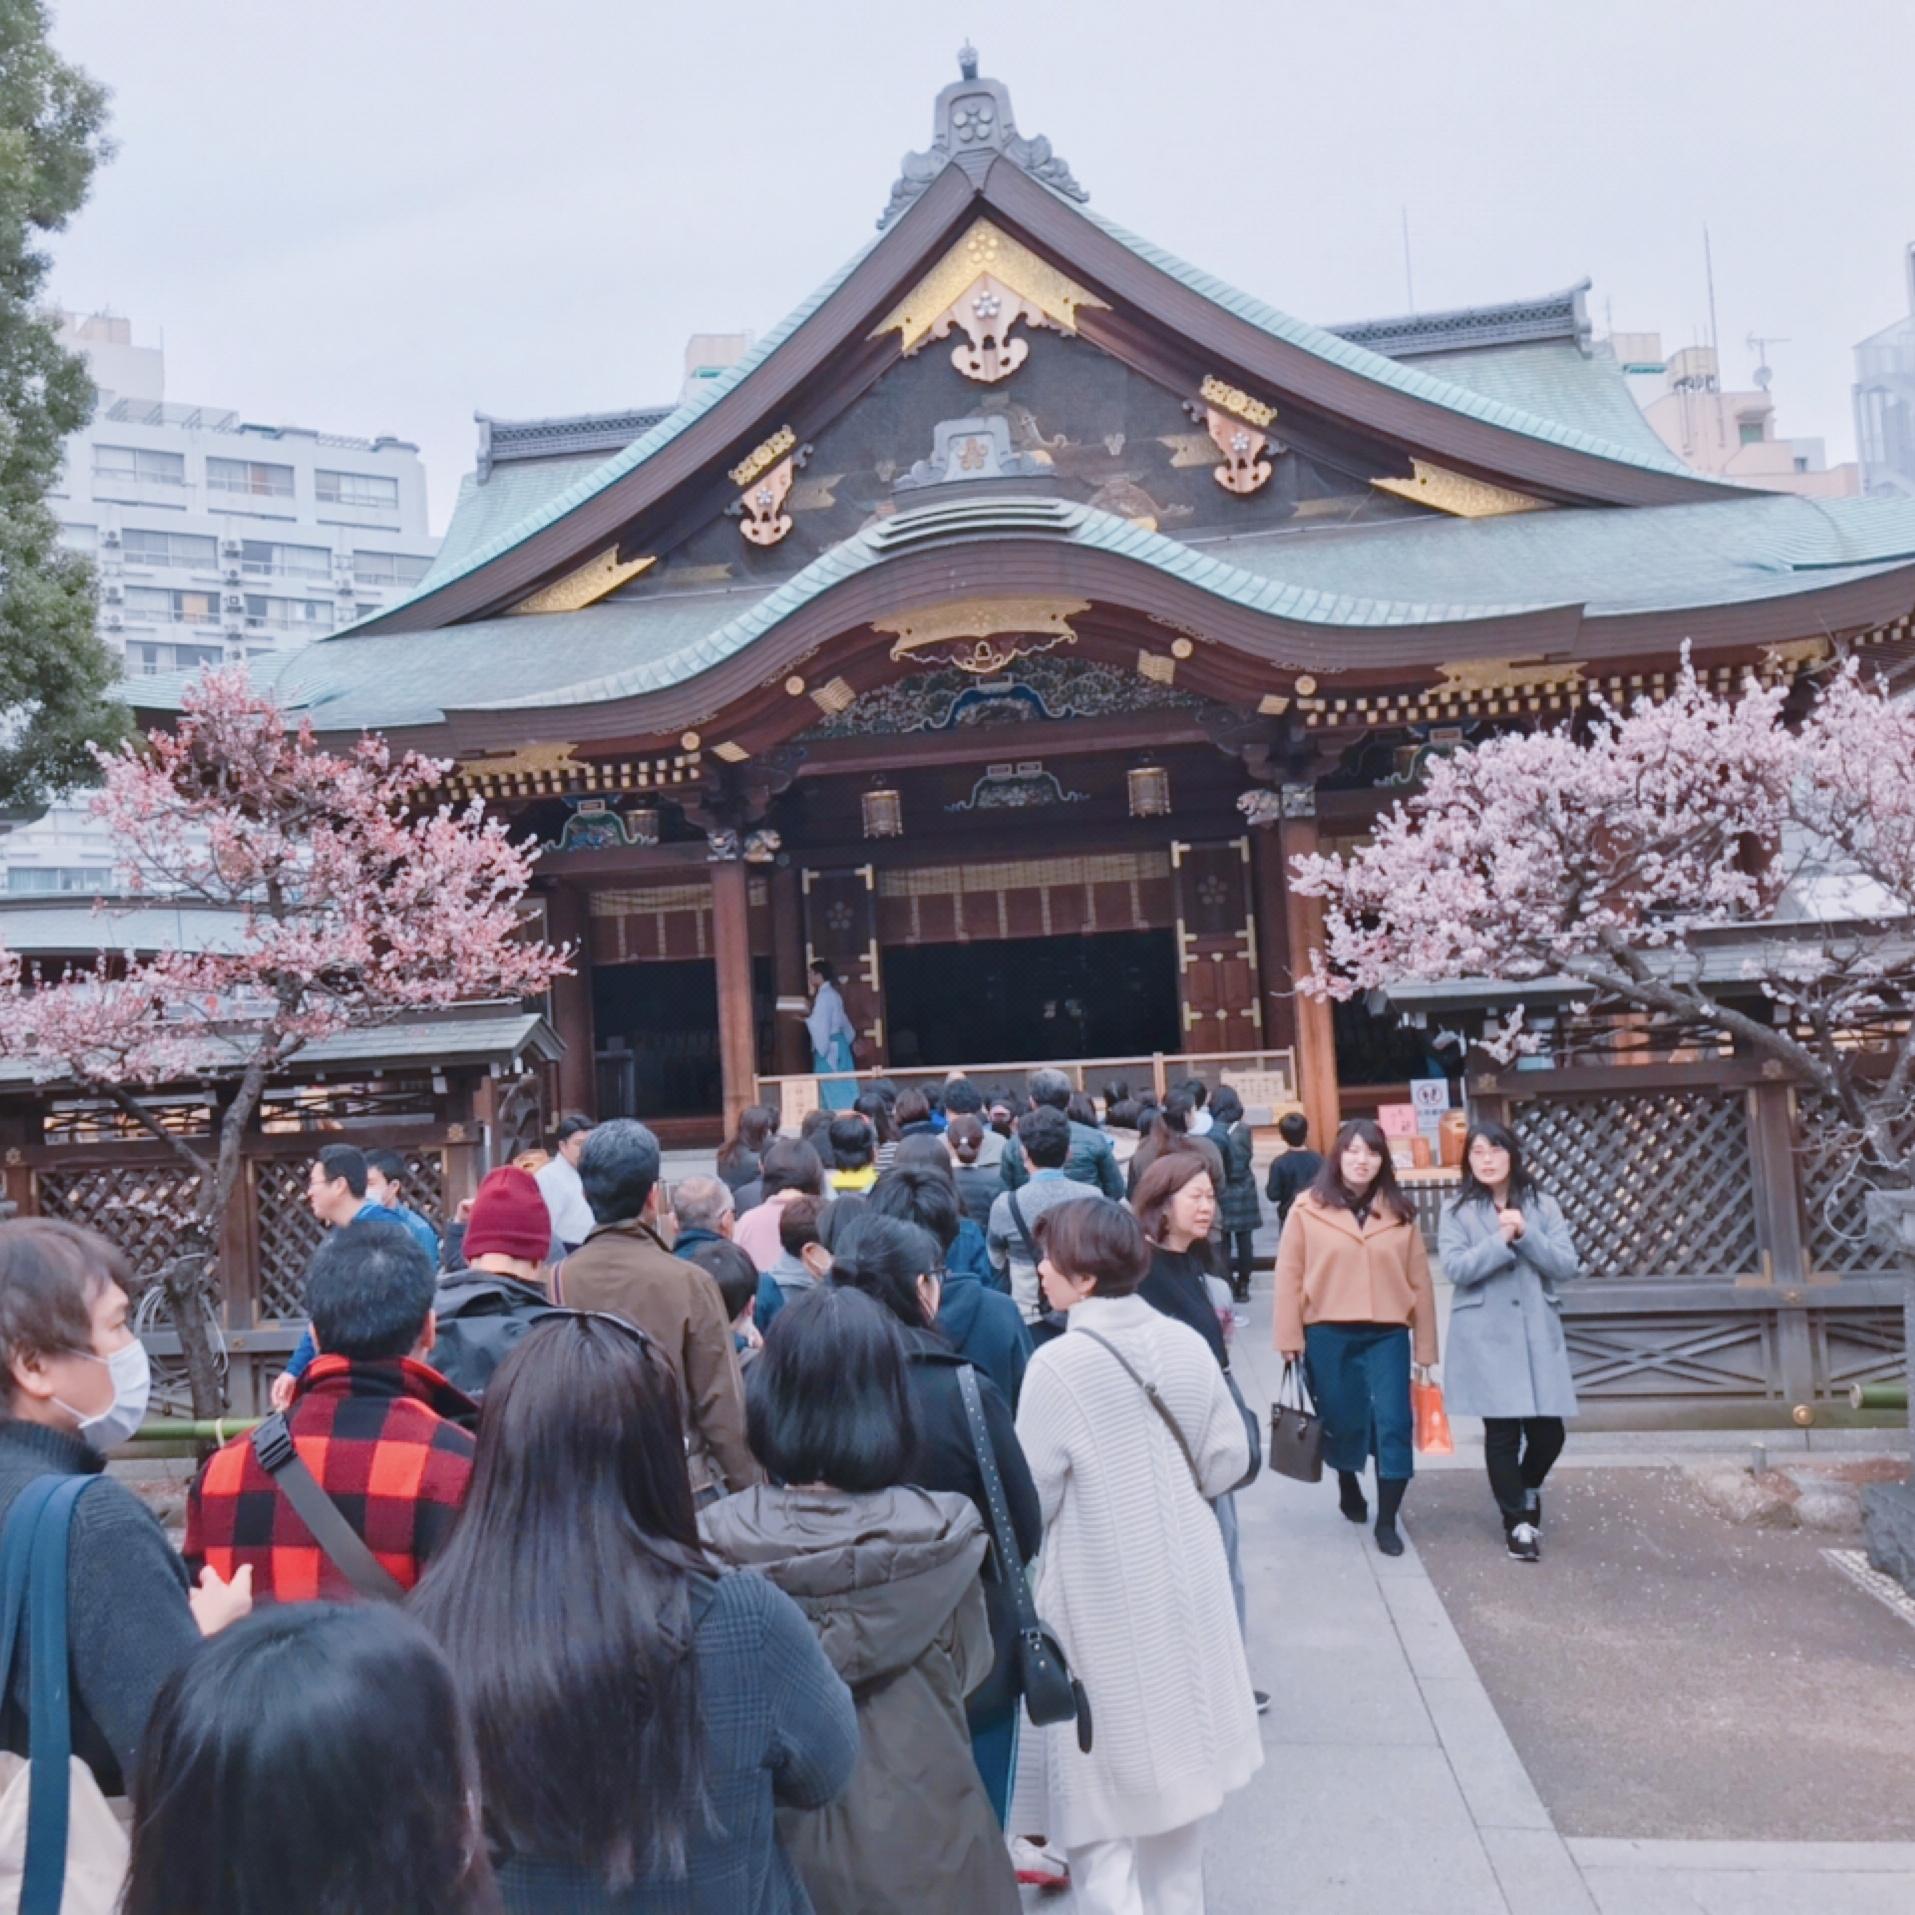 東京女子旅特集《2019最新版》- インスタ映えグルメ&スポットや、スタバの限定メニュー、縁結び・パワースポットまとめ_135